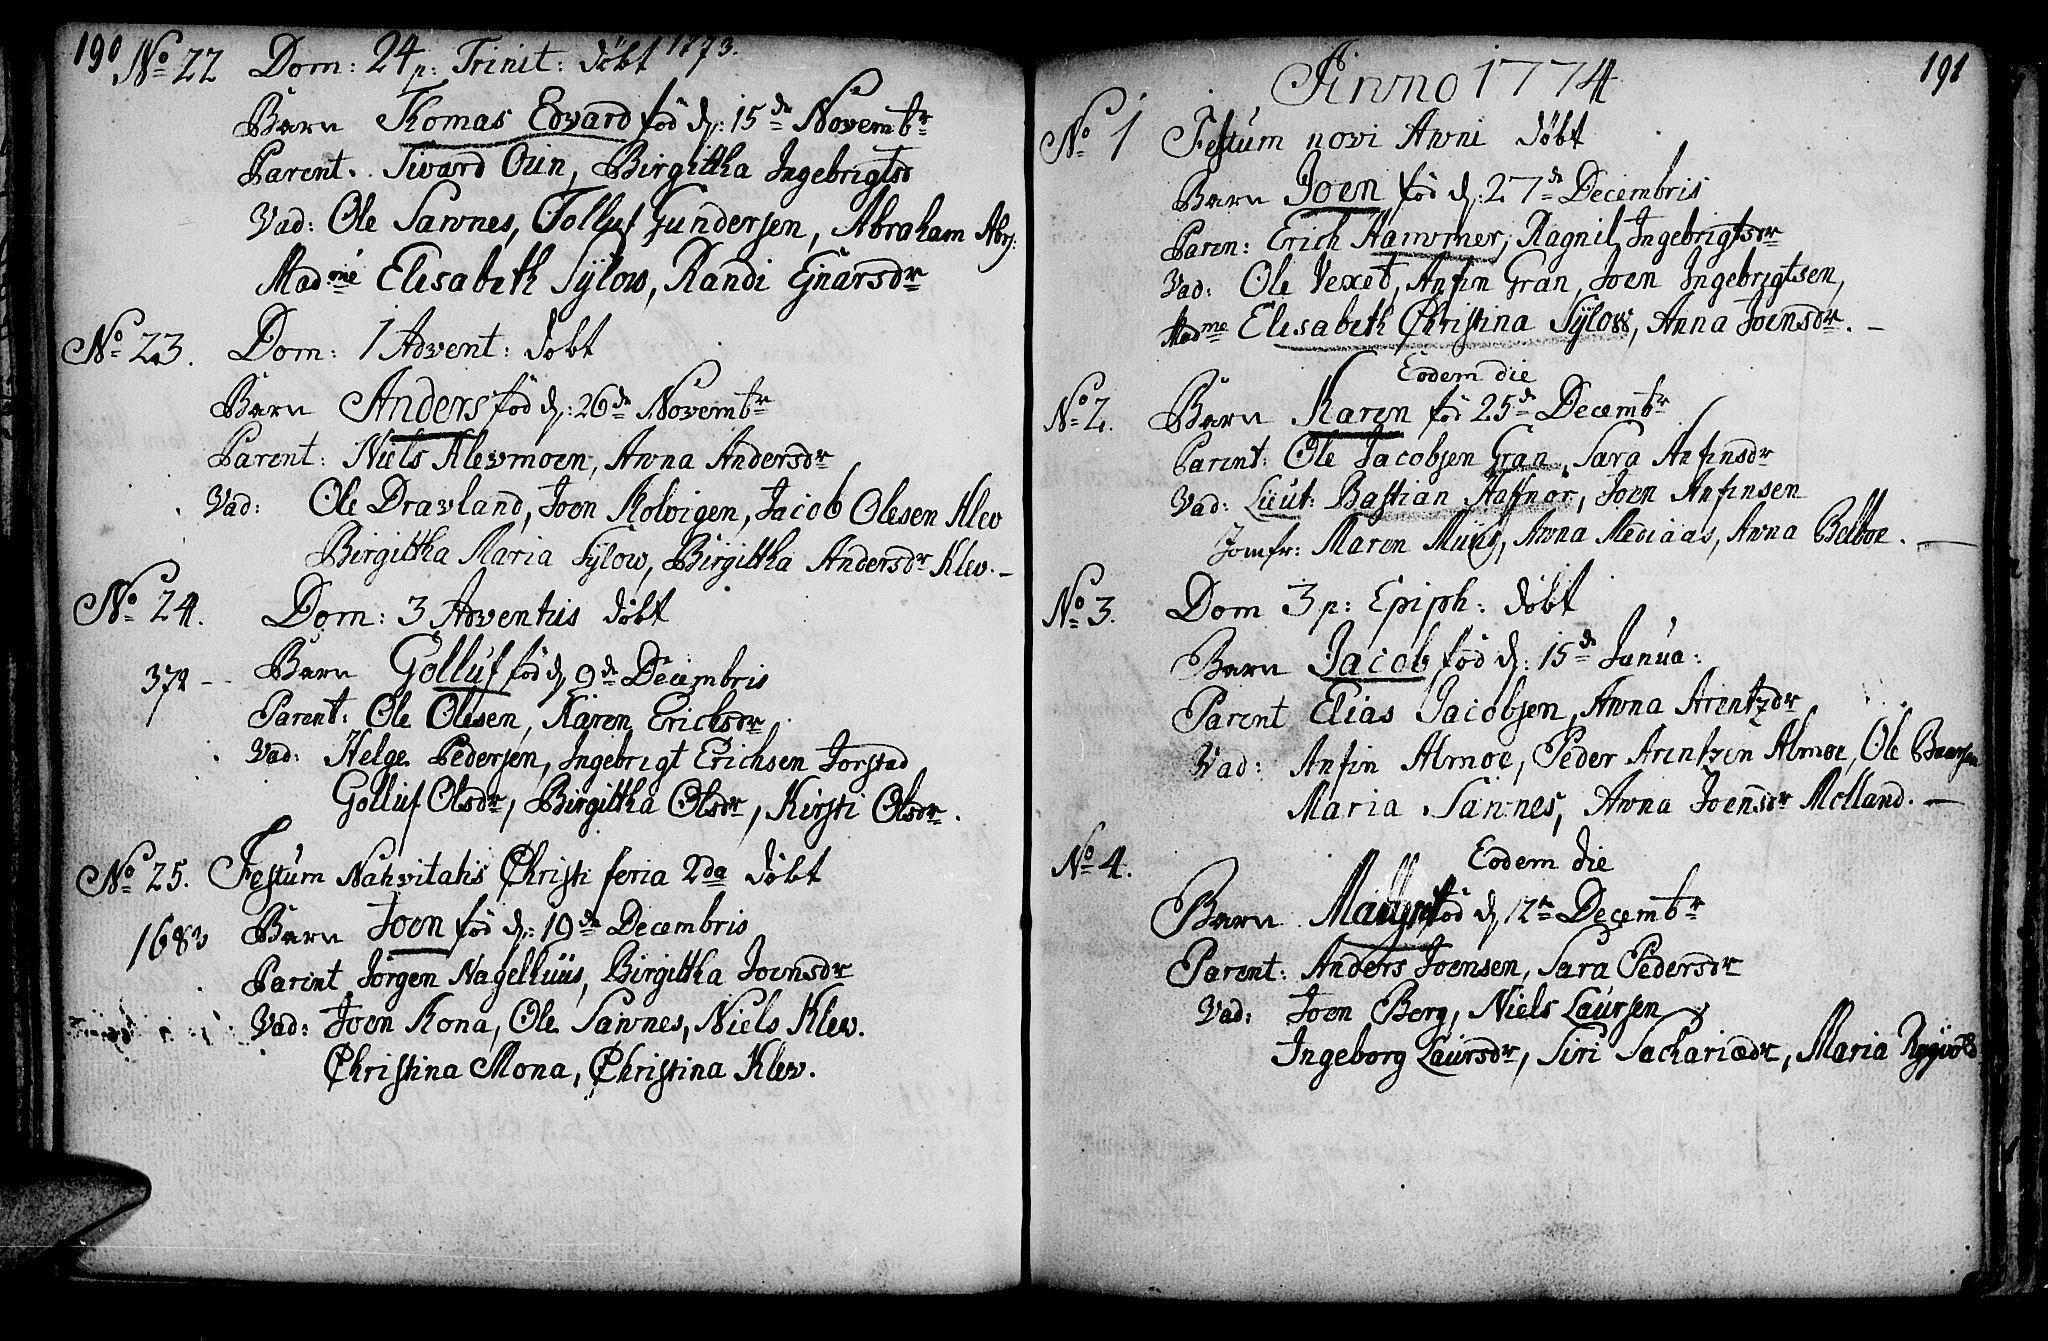 SAT, Ministerialprotokoller, klokkerbøker og fødselsregistre - Nord-Trøndelag, 749/L0467: Ministerialbok nr. 749A01, 1733-1787, s. 190-191